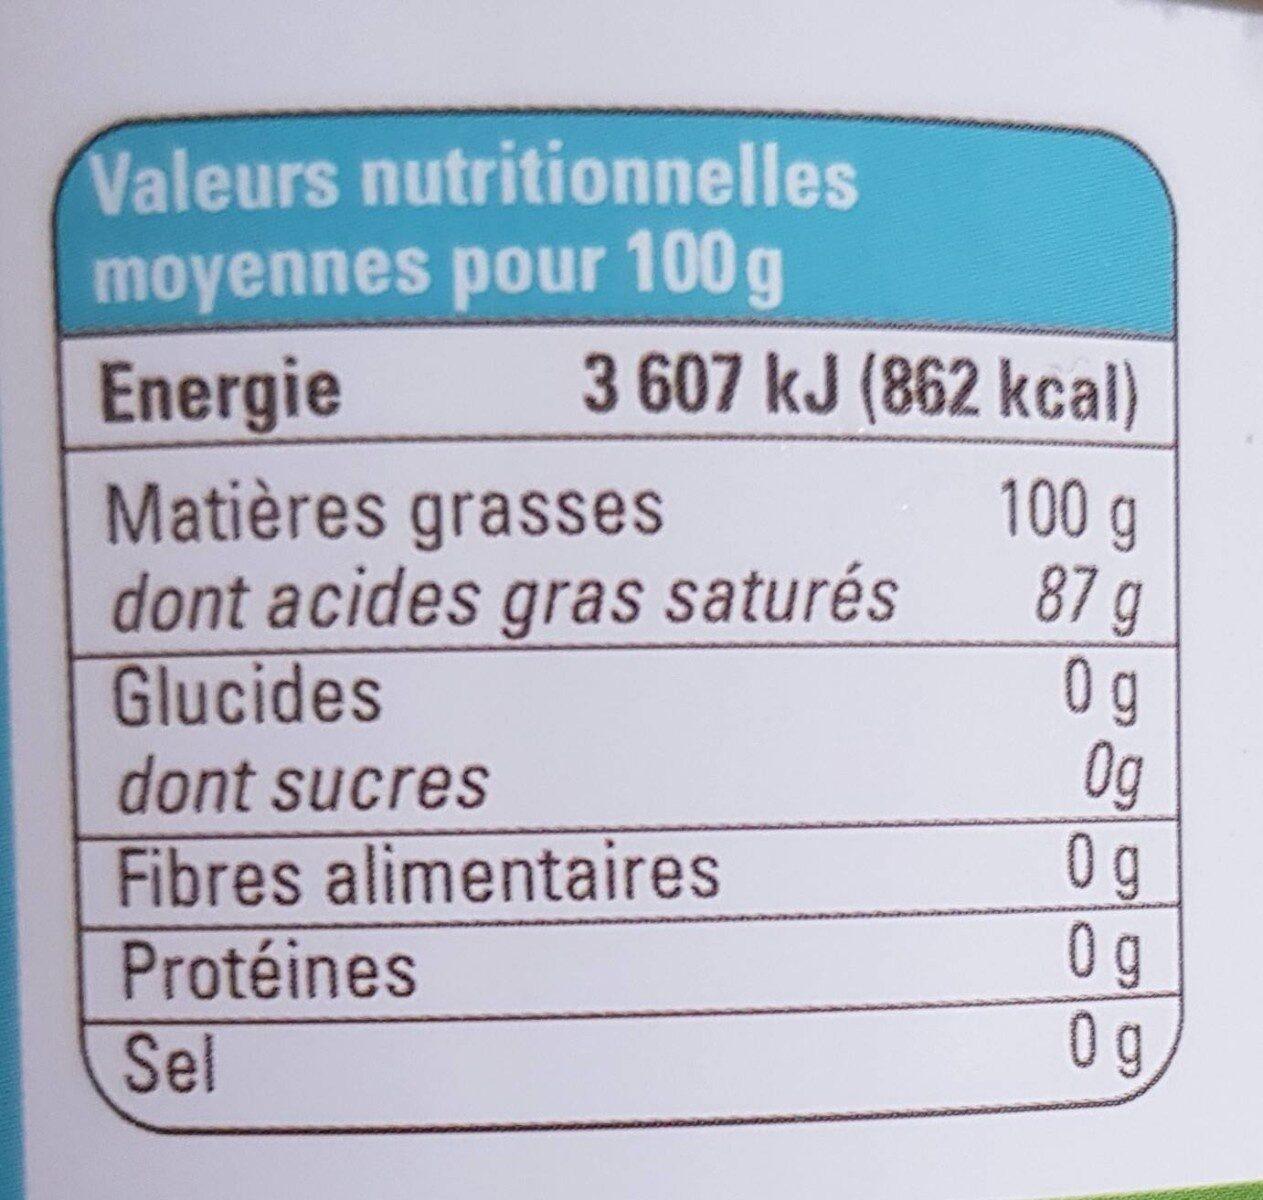 HUILE VIERGE DE COCO - Voedingswaarden - fr